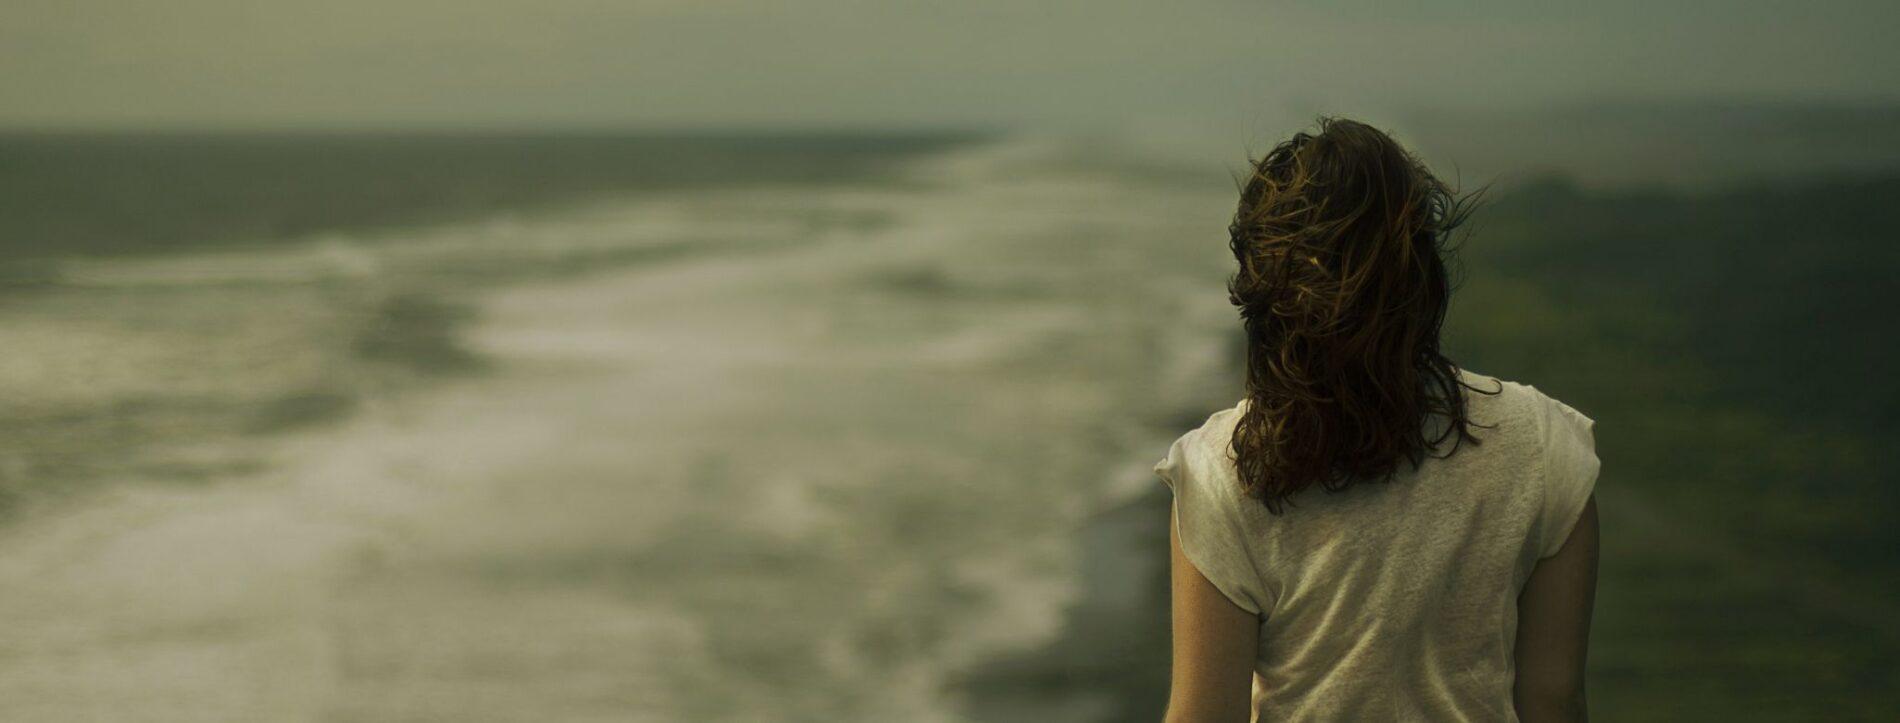 Immagine di una ragazza di spalle che guarda il mare